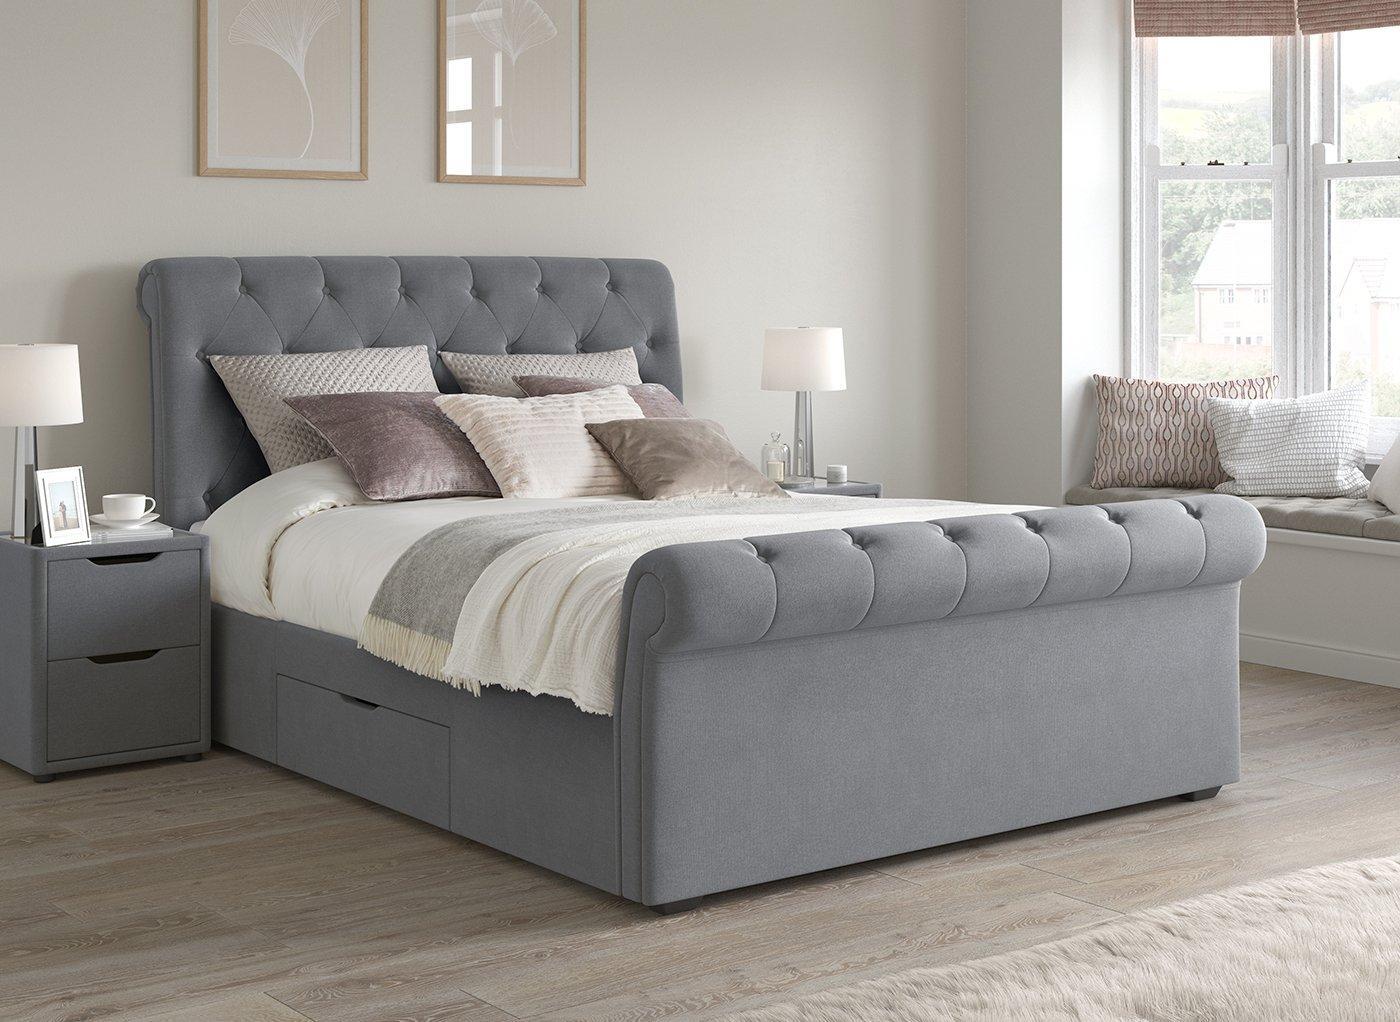 langford-upholstered-bed-frame